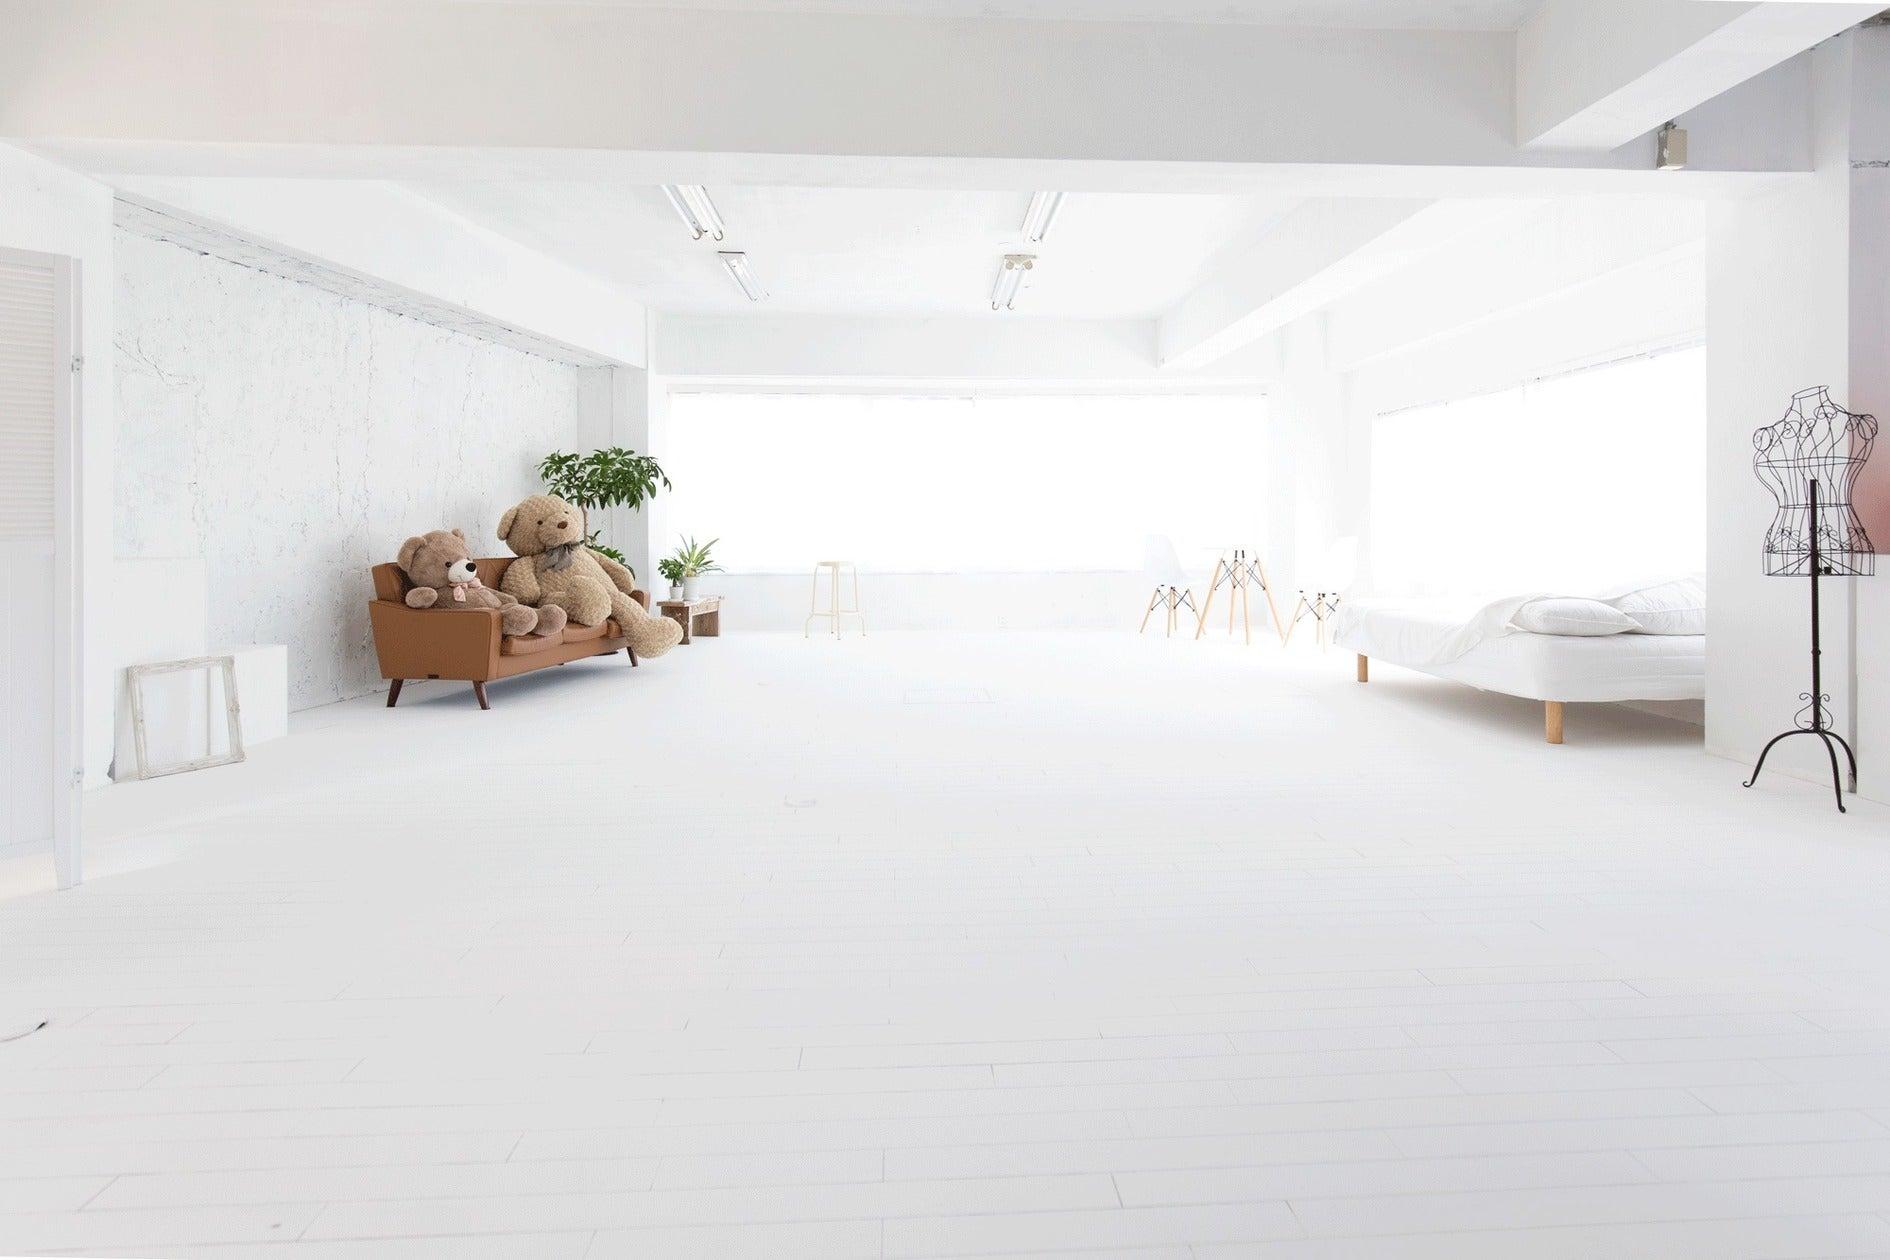 白壁白床。柔らかな自然光で一日キレイに撮影できる早稲田のレンタルスタジオ